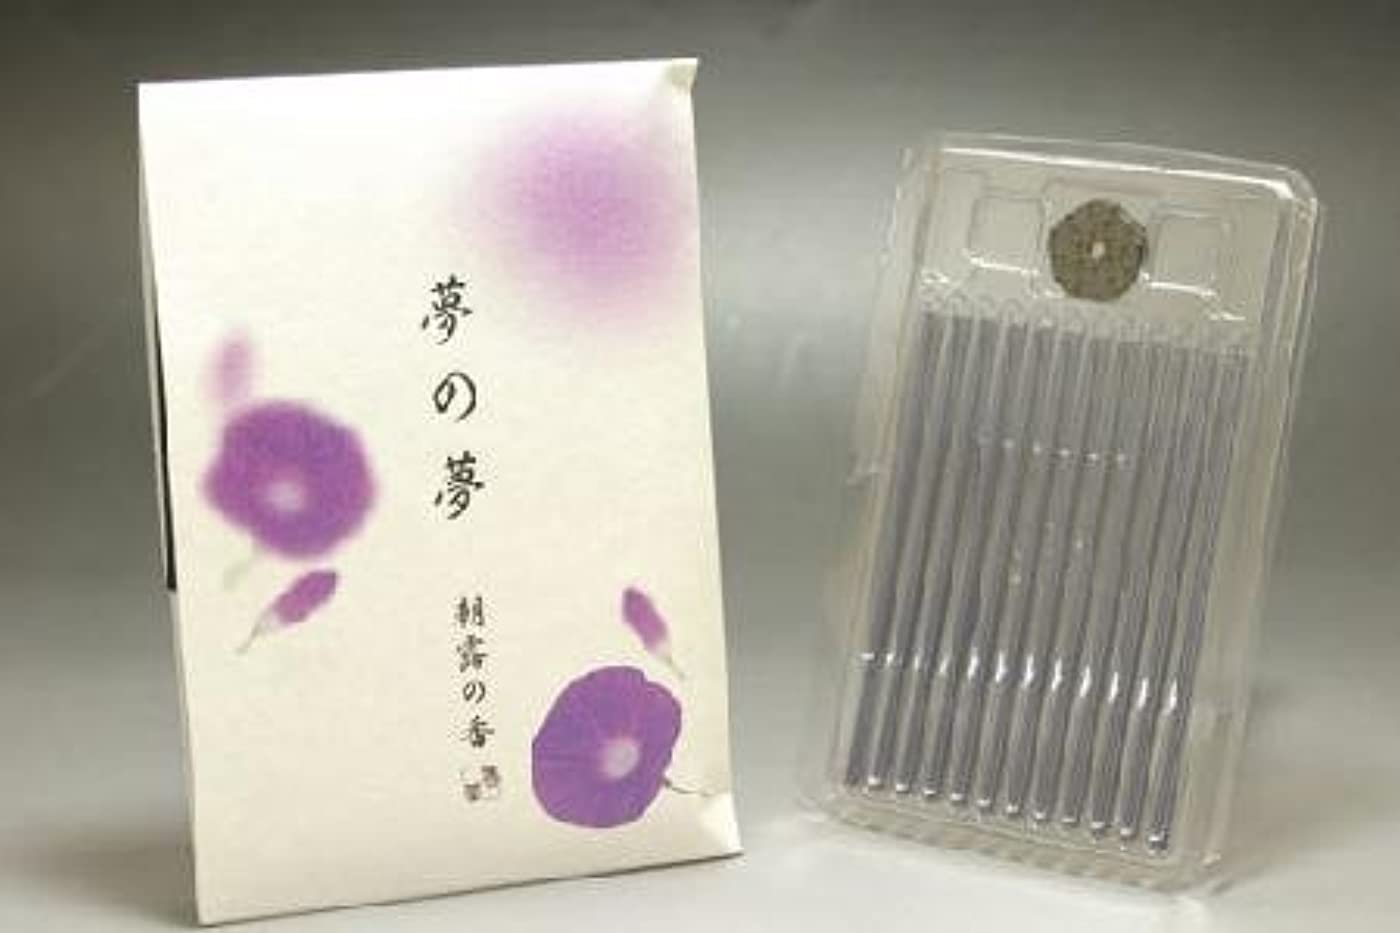 雪だるまを作るシットコム殺す日本香堂のお香 夢の夢 朝露(あさつゆ)のお香 スティック型12本入